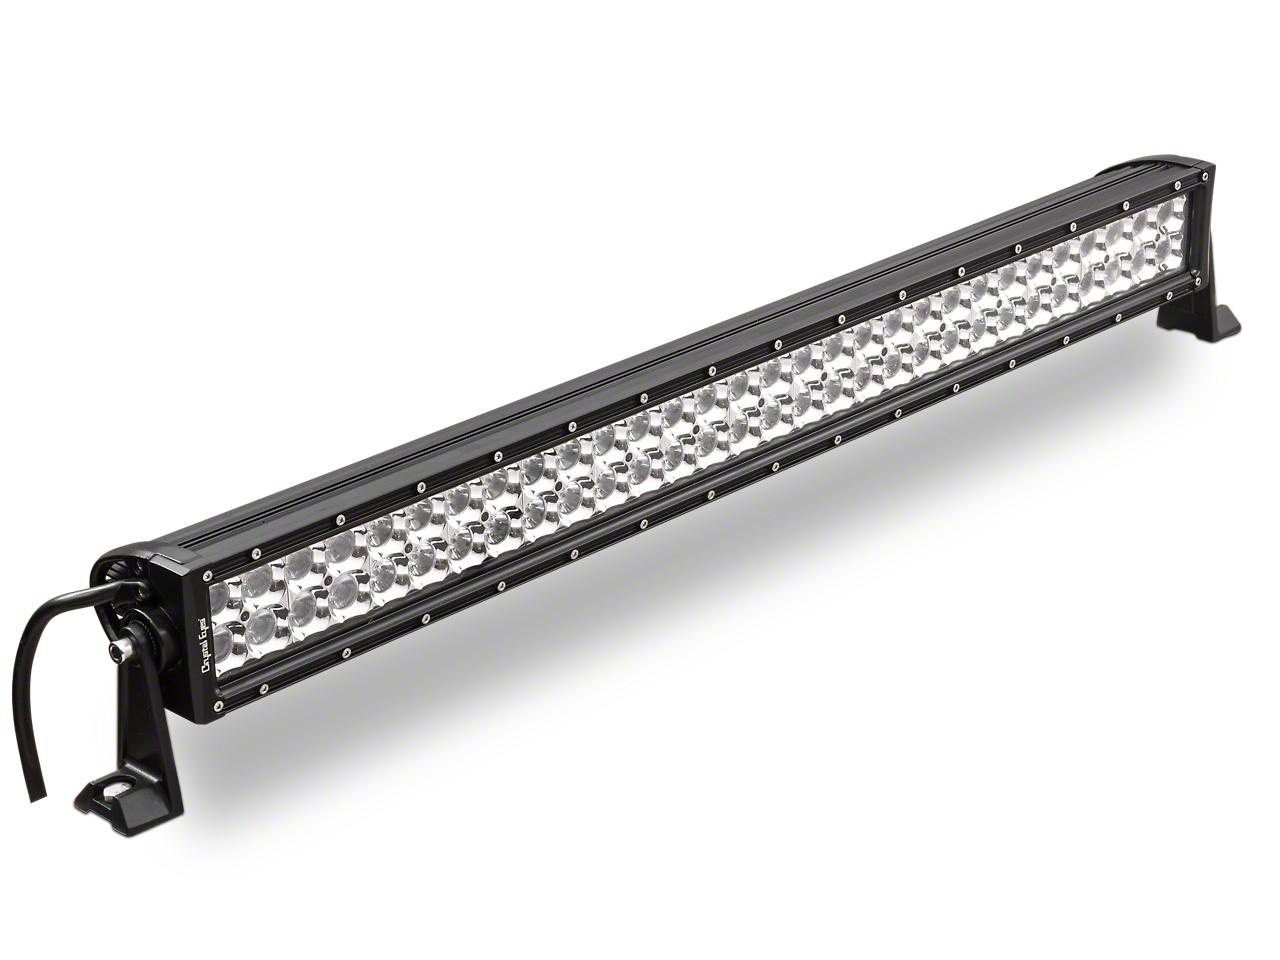 Alteon 31 in. 11 Series LED Light Bar - 30 Degree Flood Beam